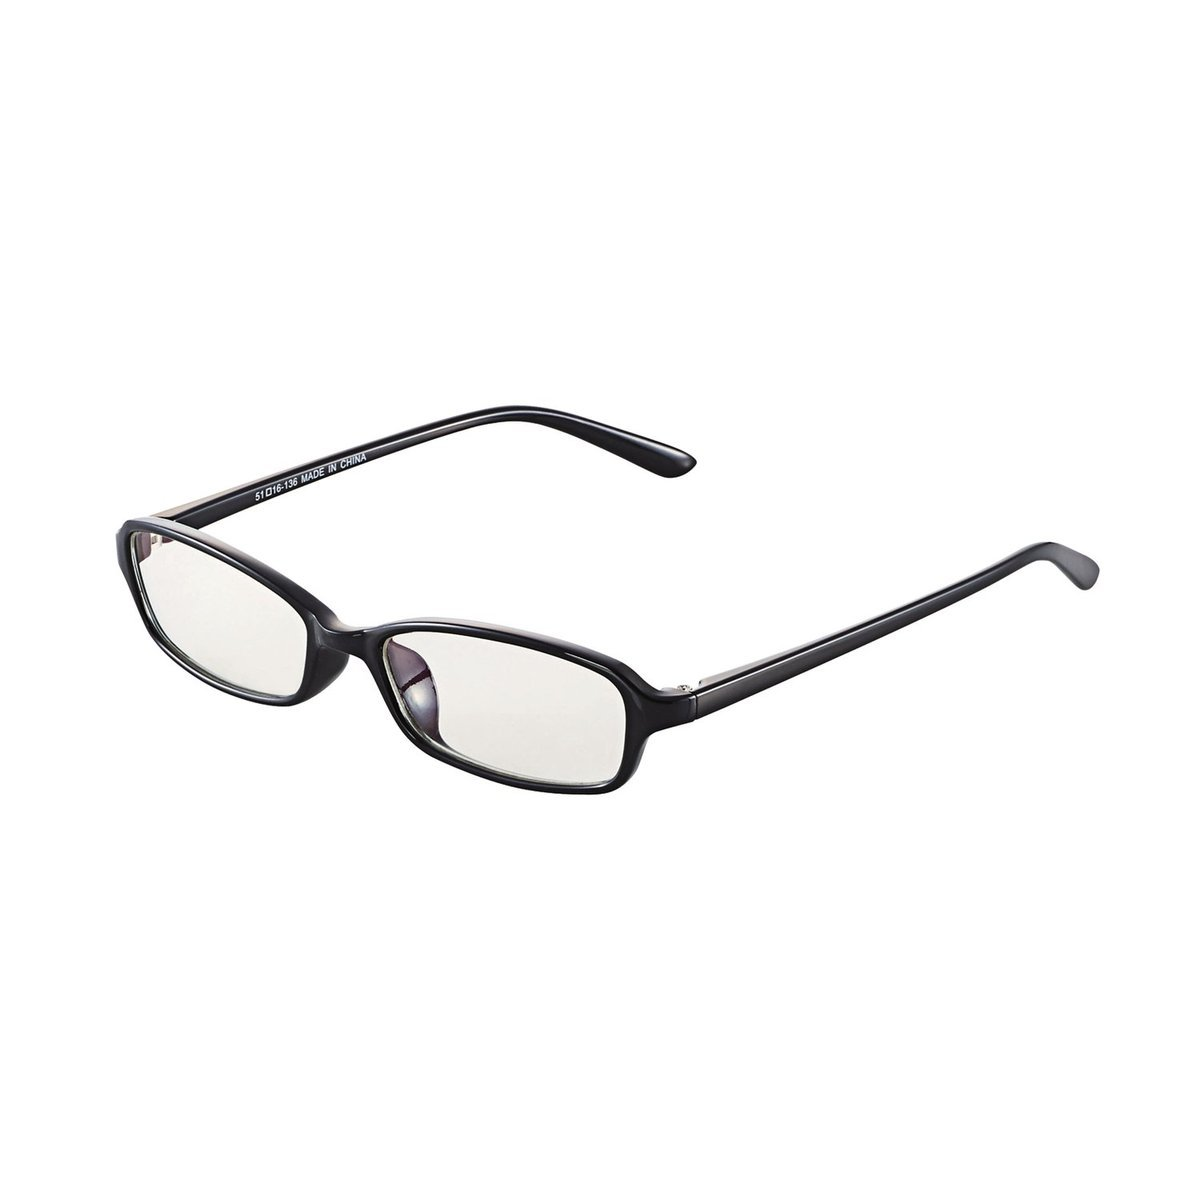 方框防藍光眼鏡(黑色)